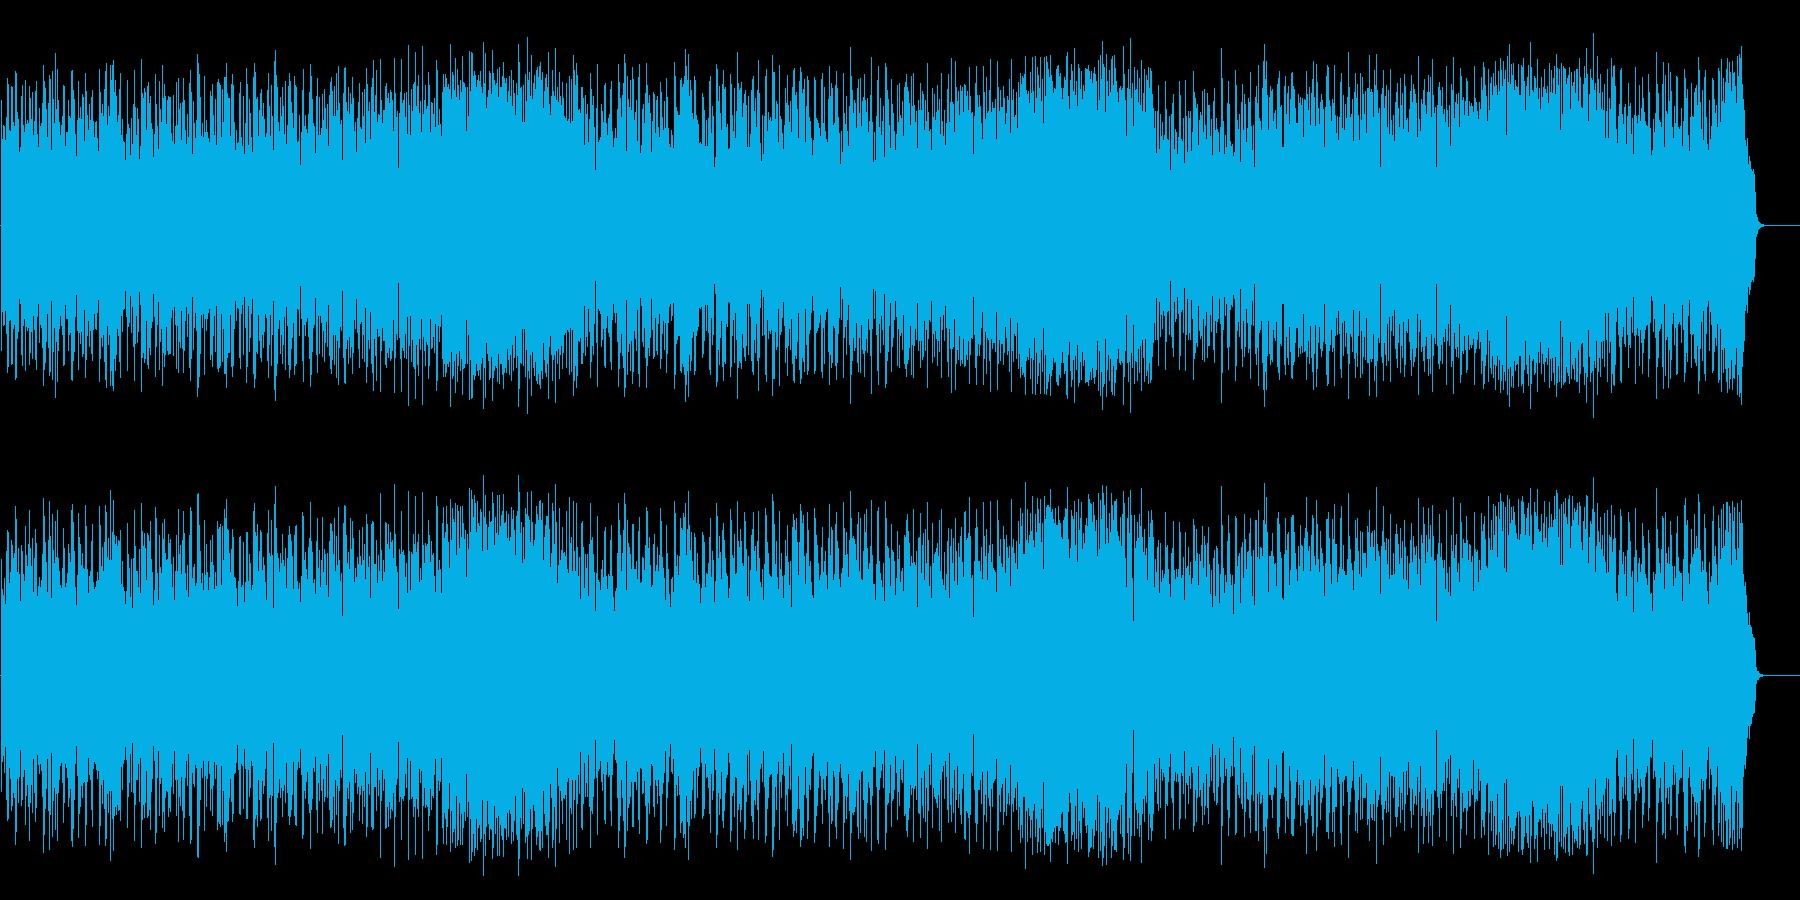 海を思う爽快フュージョン(フルサイズ)の再生済みの波形